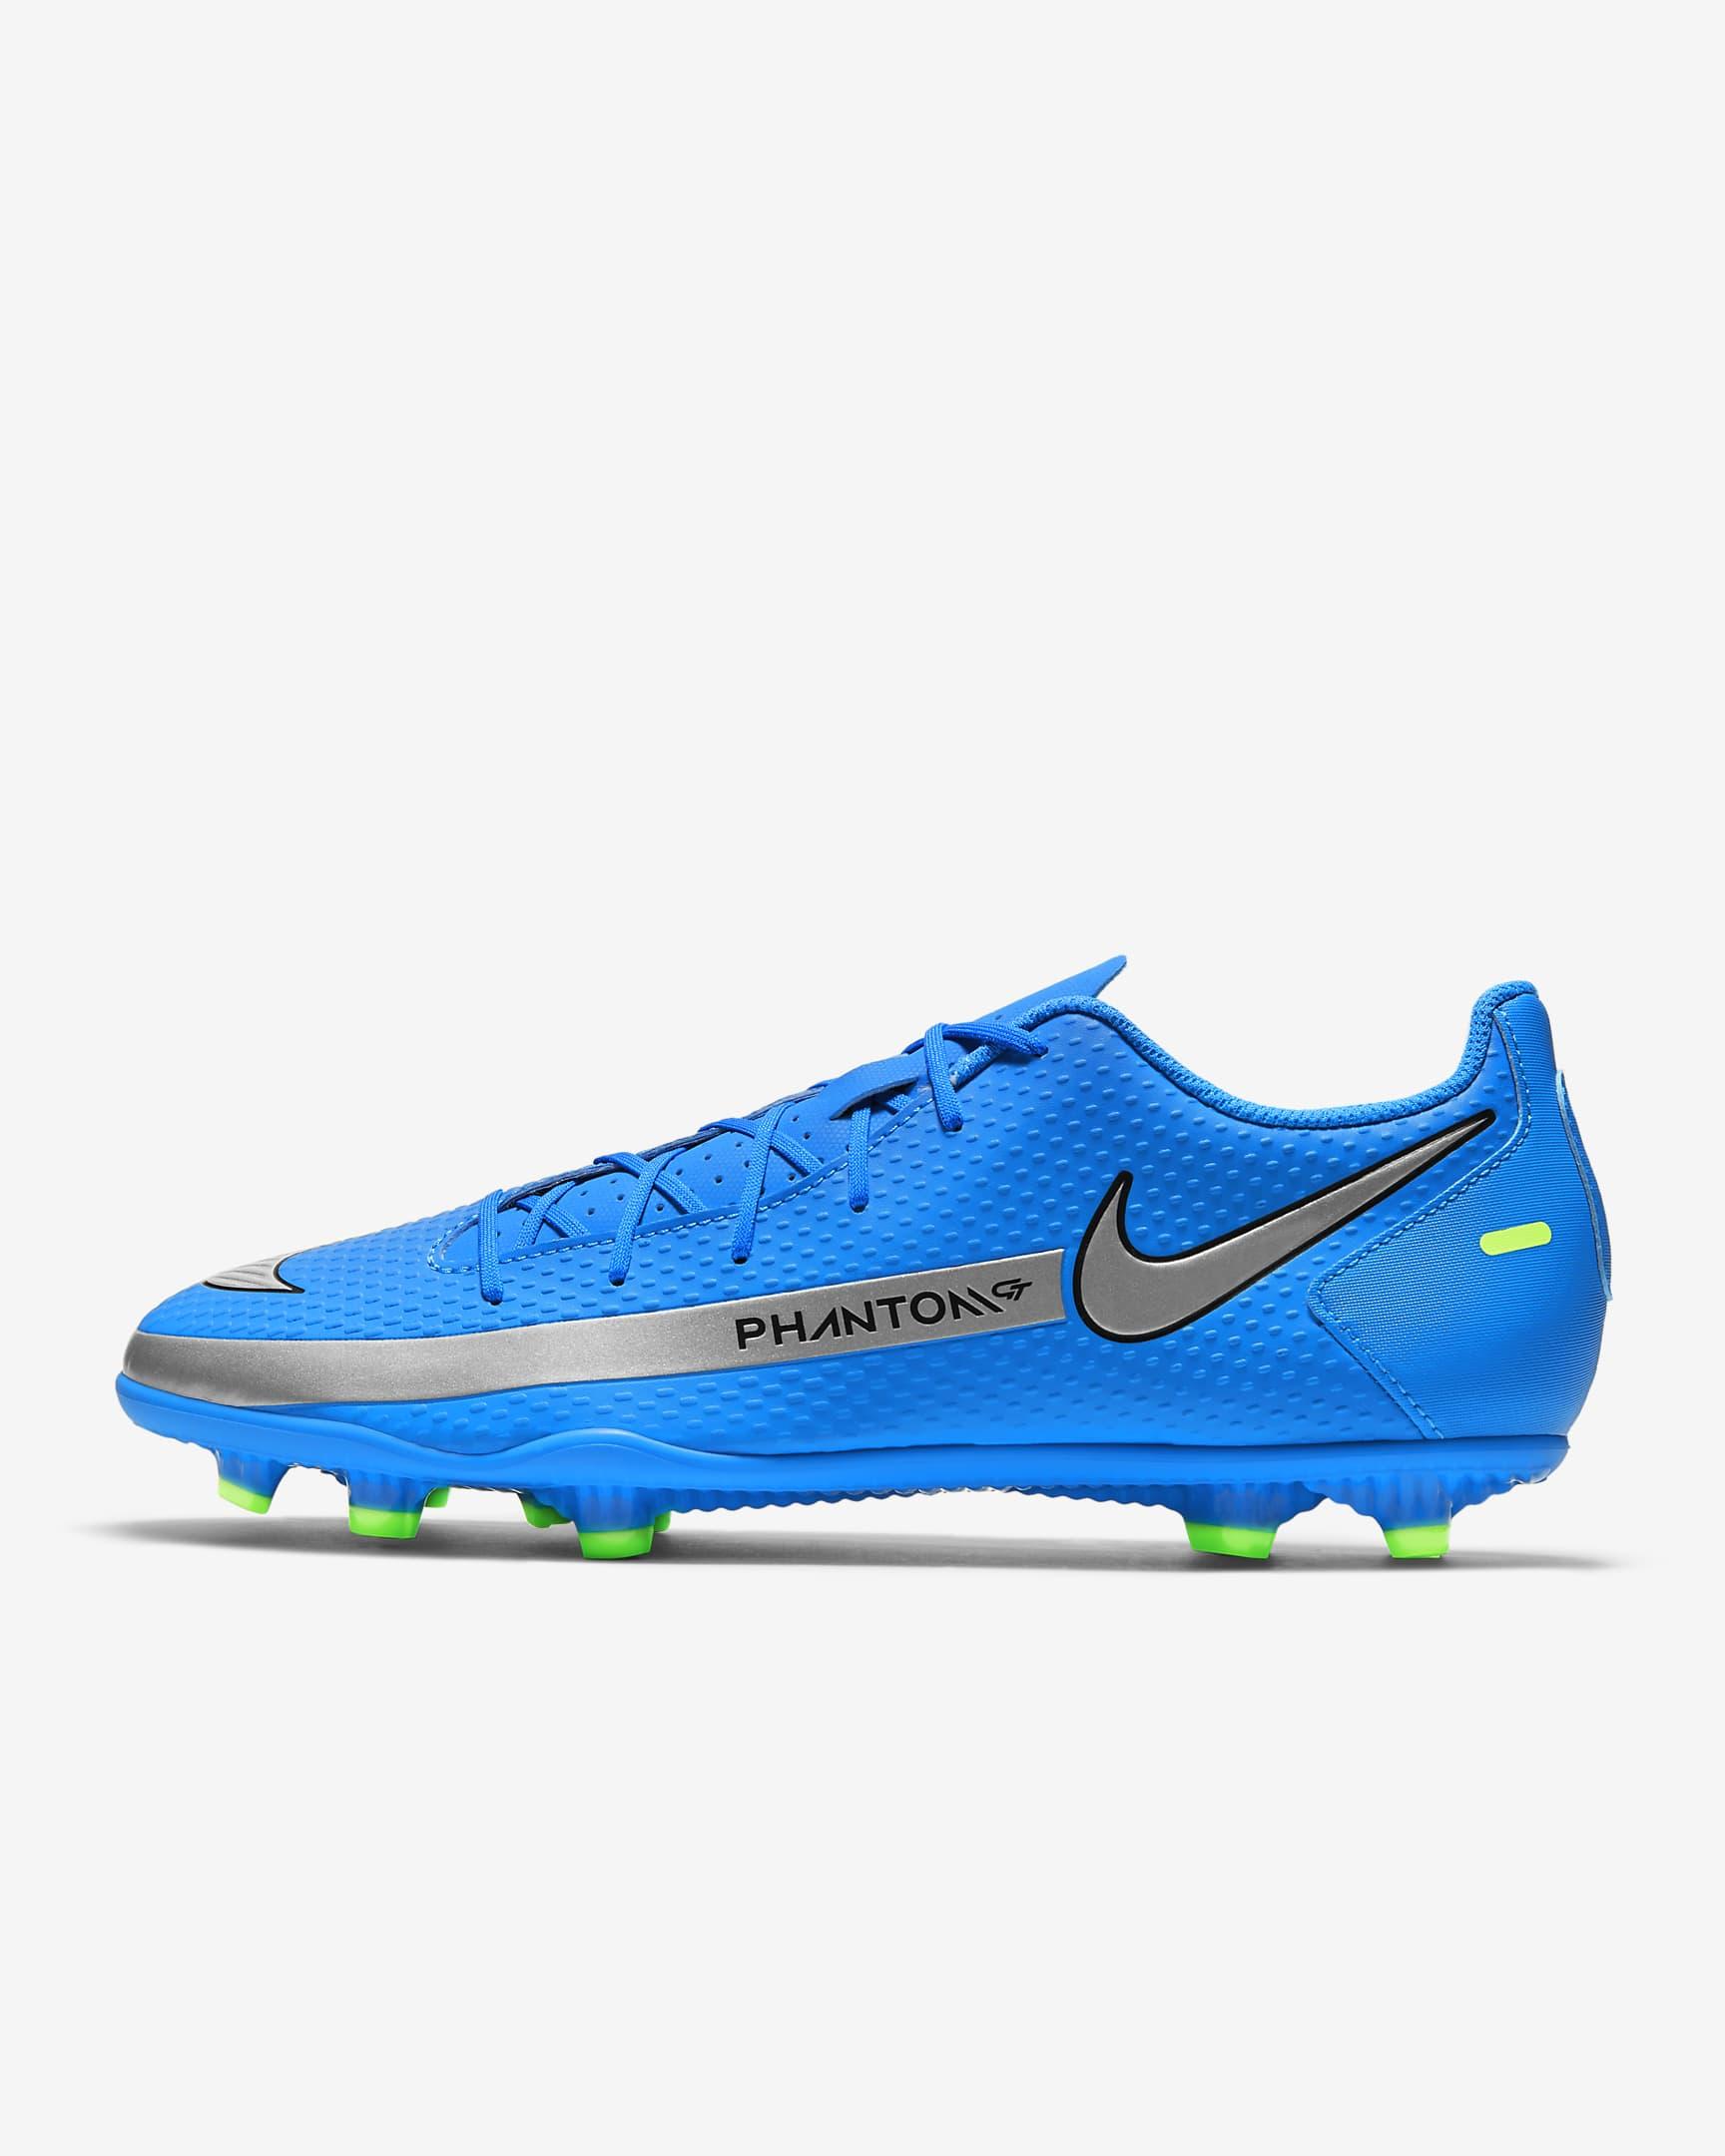 Nike | NIKE PHANTOM GT CLUB FG/MG SOCCER FG